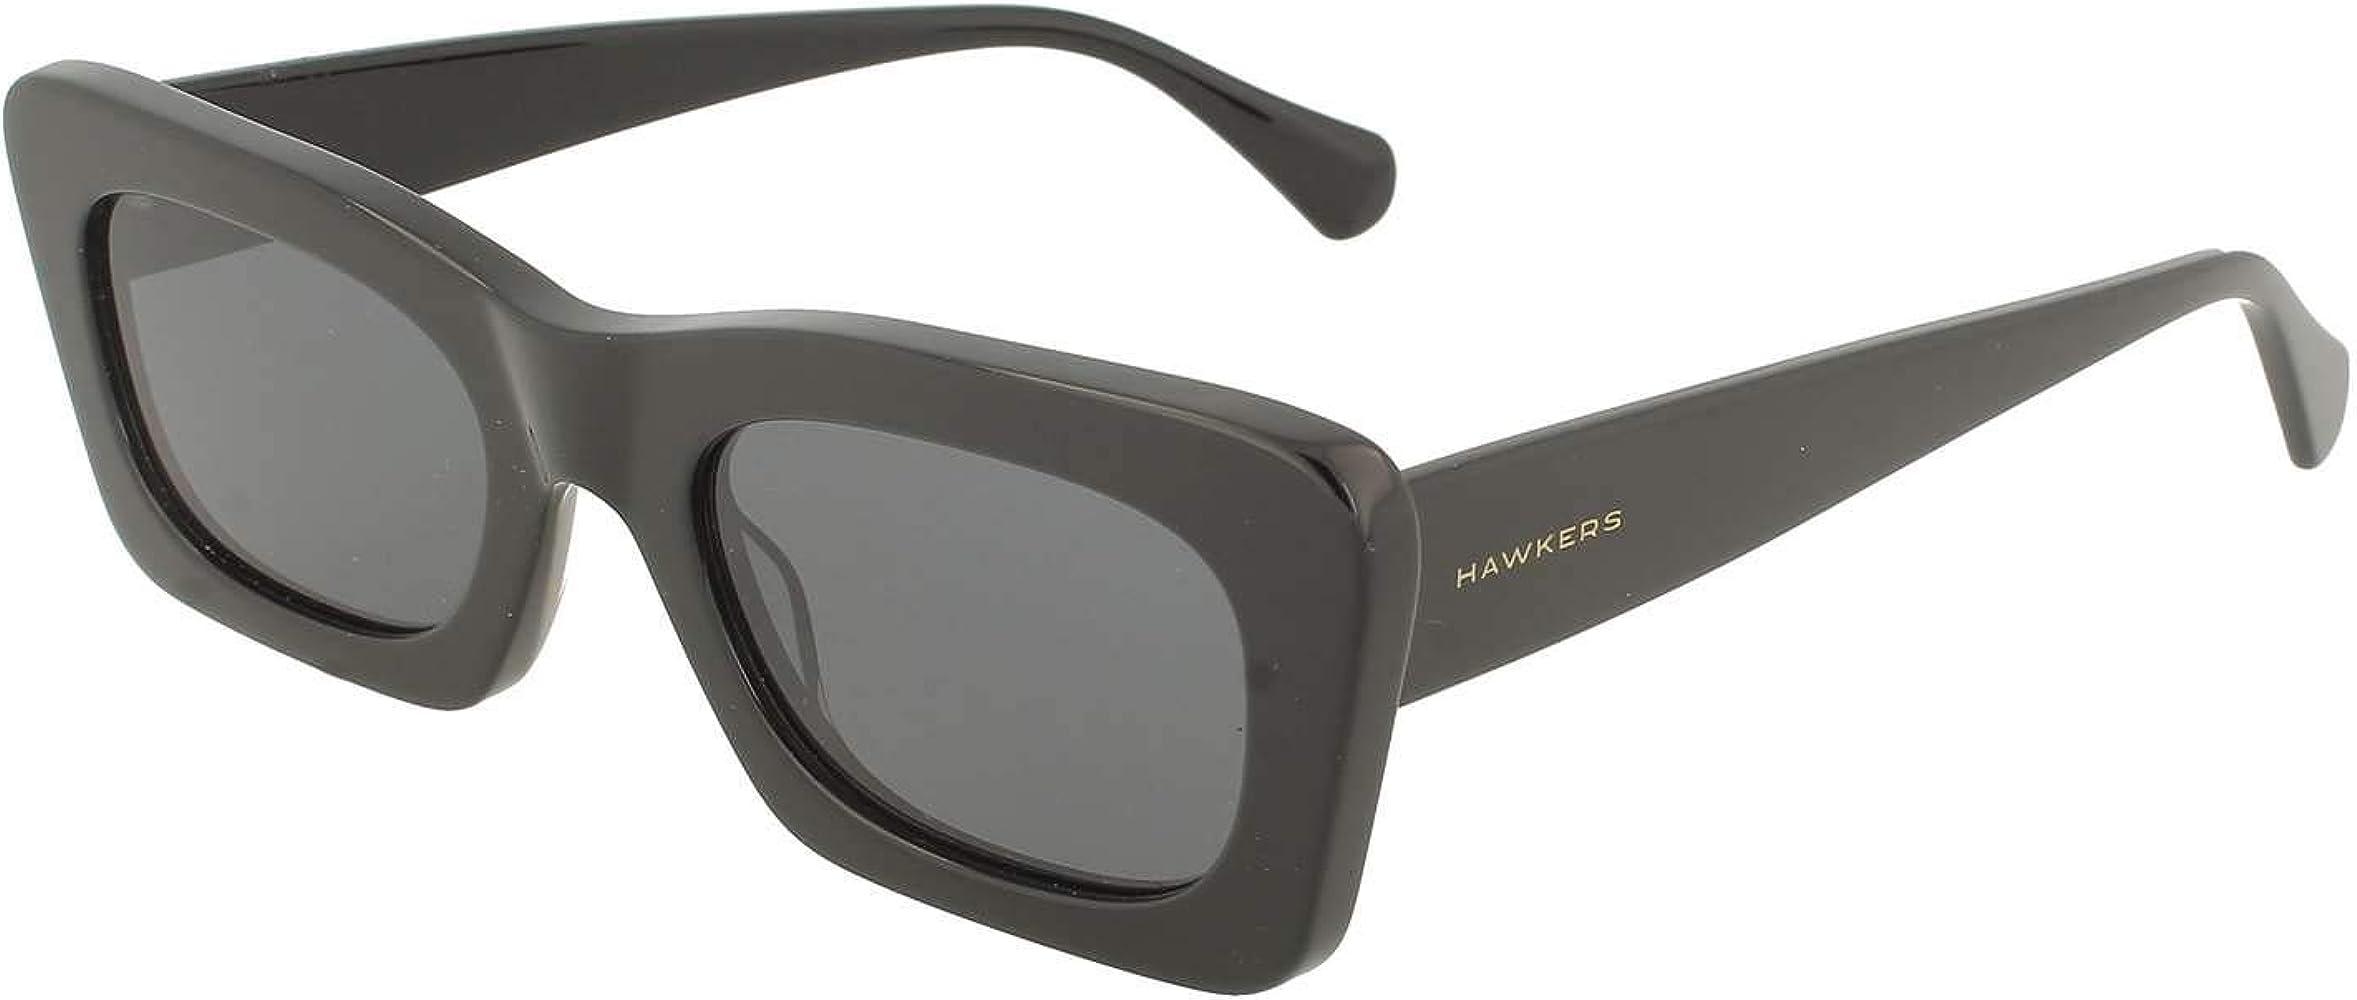 HAWKERS · LAUPER · Black · Gafas de sol para hombre y mujer ...